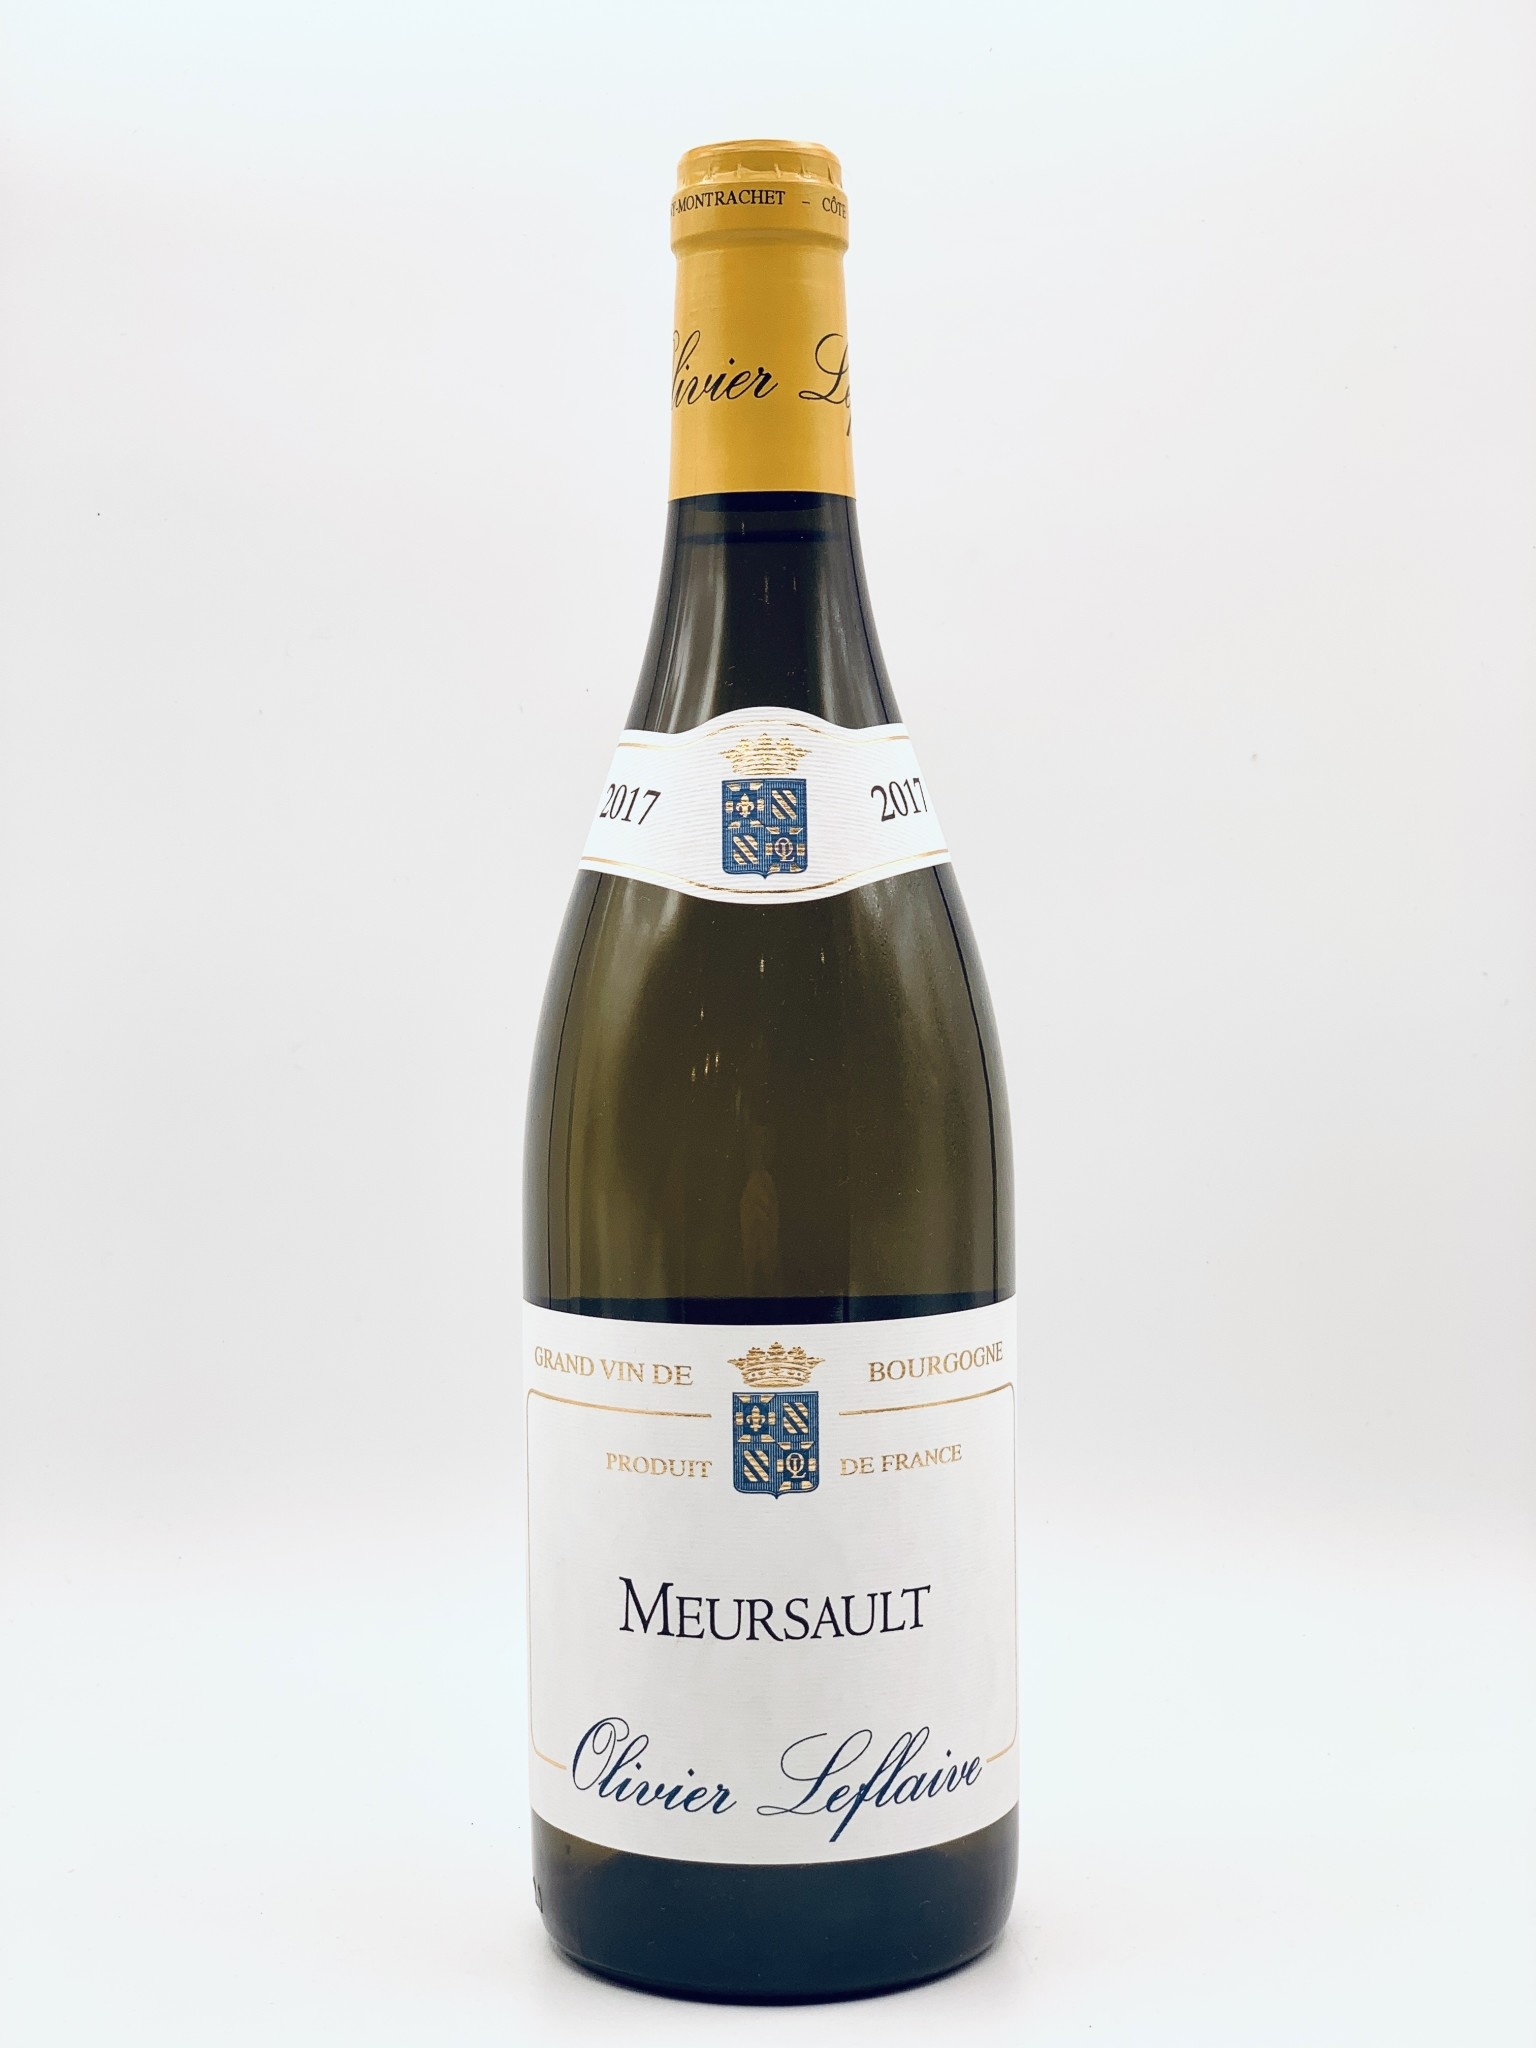 Meursault 2017 Olivier Leflaive 750ml